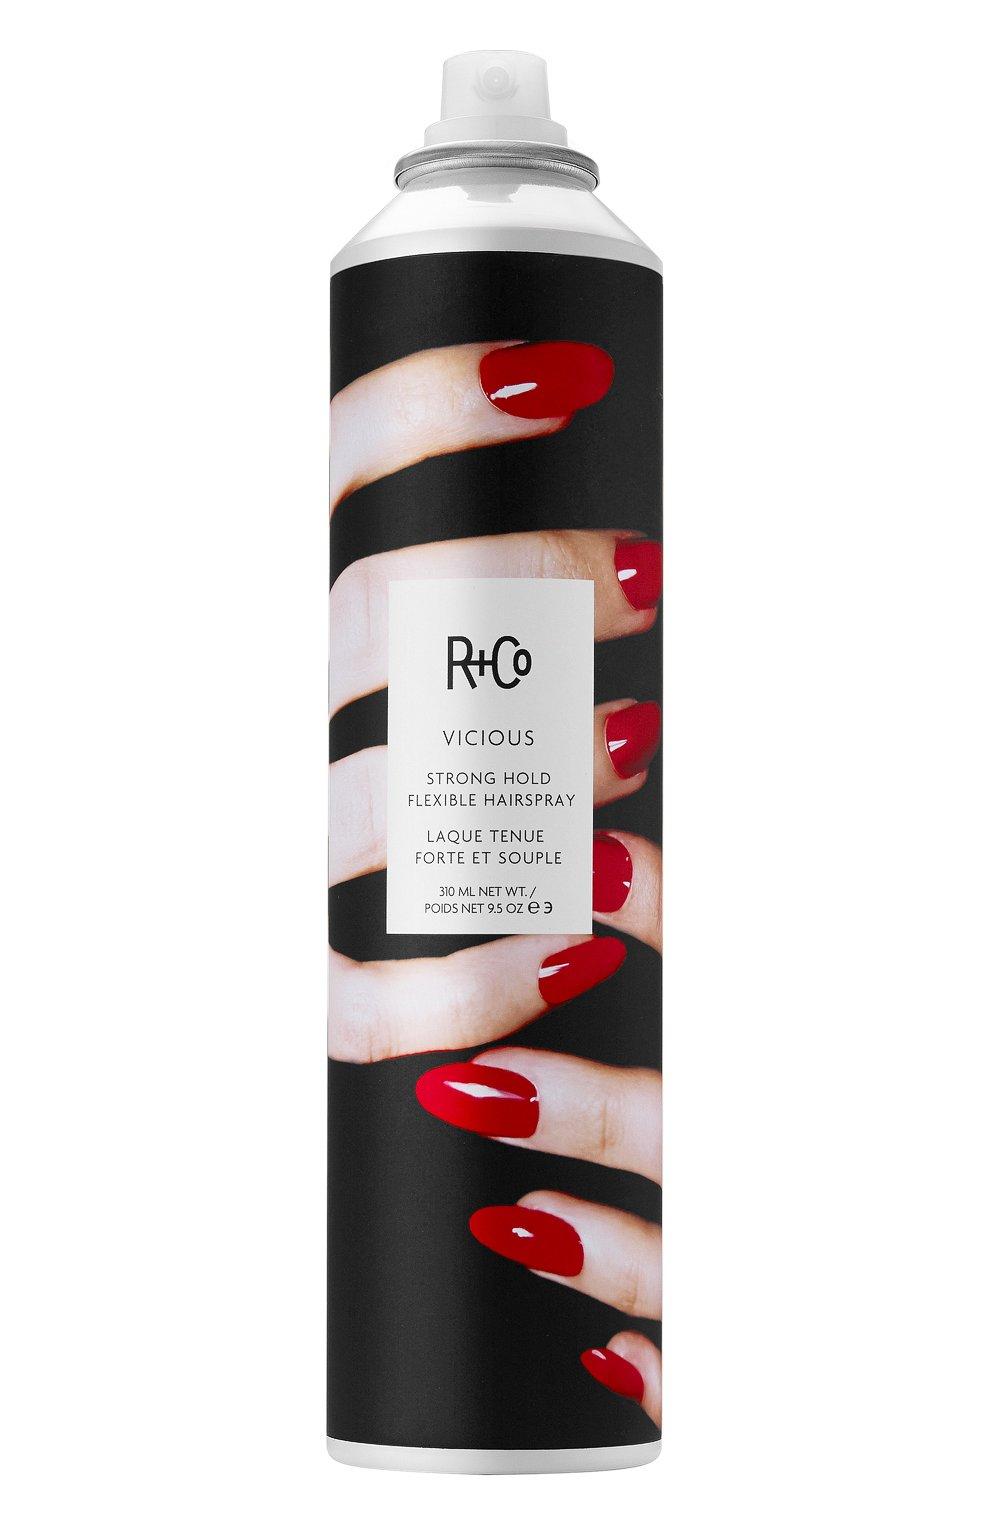 Спрей для укладки подвижной фиксации vicious R+CO бесцветного цвета, арт. 810374020821 | Фото 1 (Статус проверки: Проверена категория; Ограничения доставки: flammable)